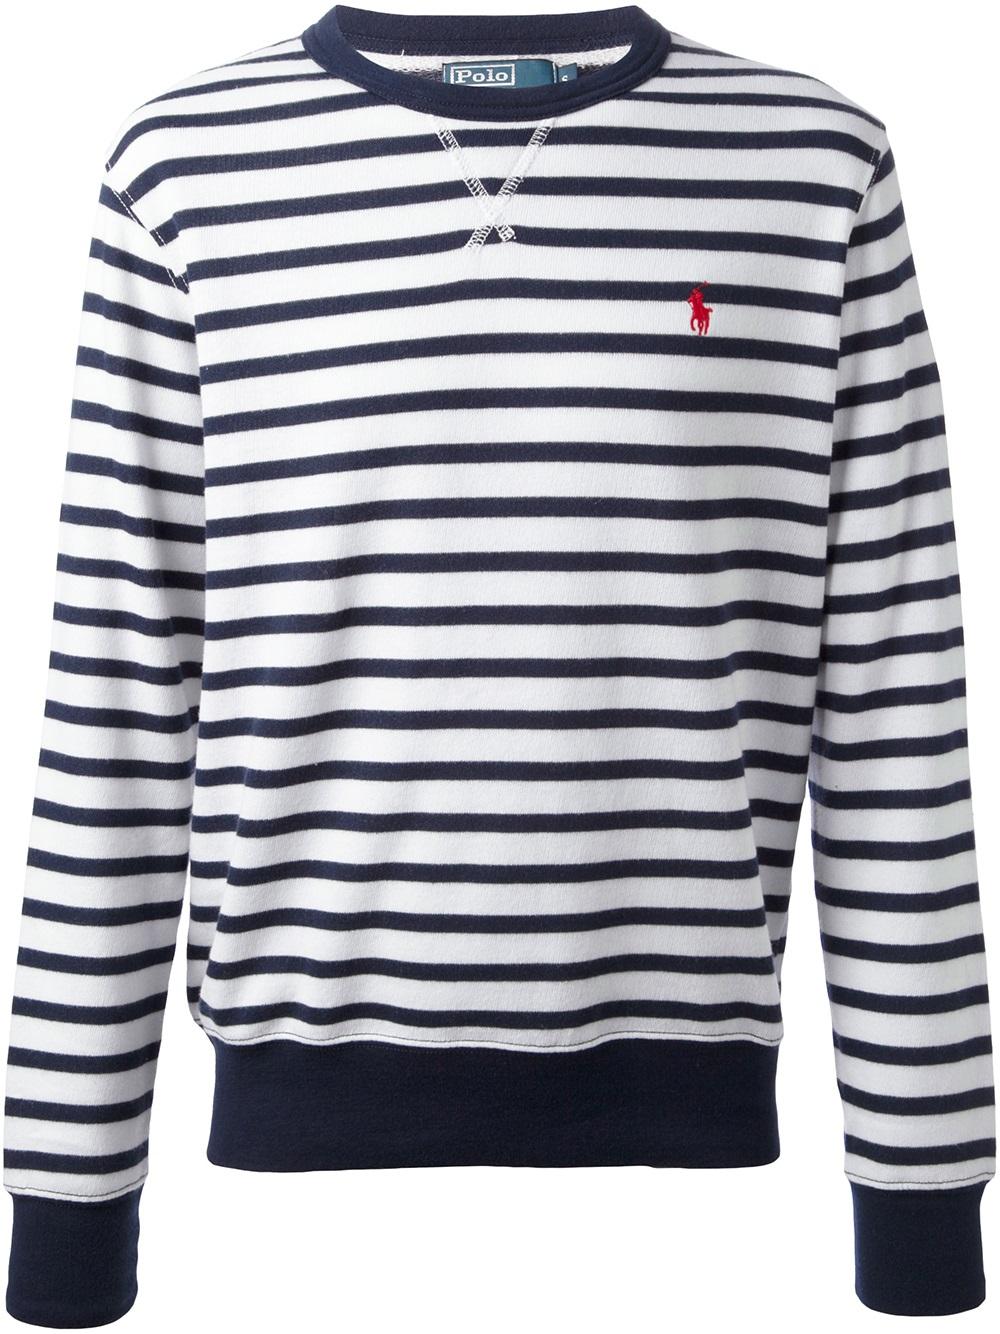 Lyst Ralph Lauren Stripe Sweater In Blue For Men